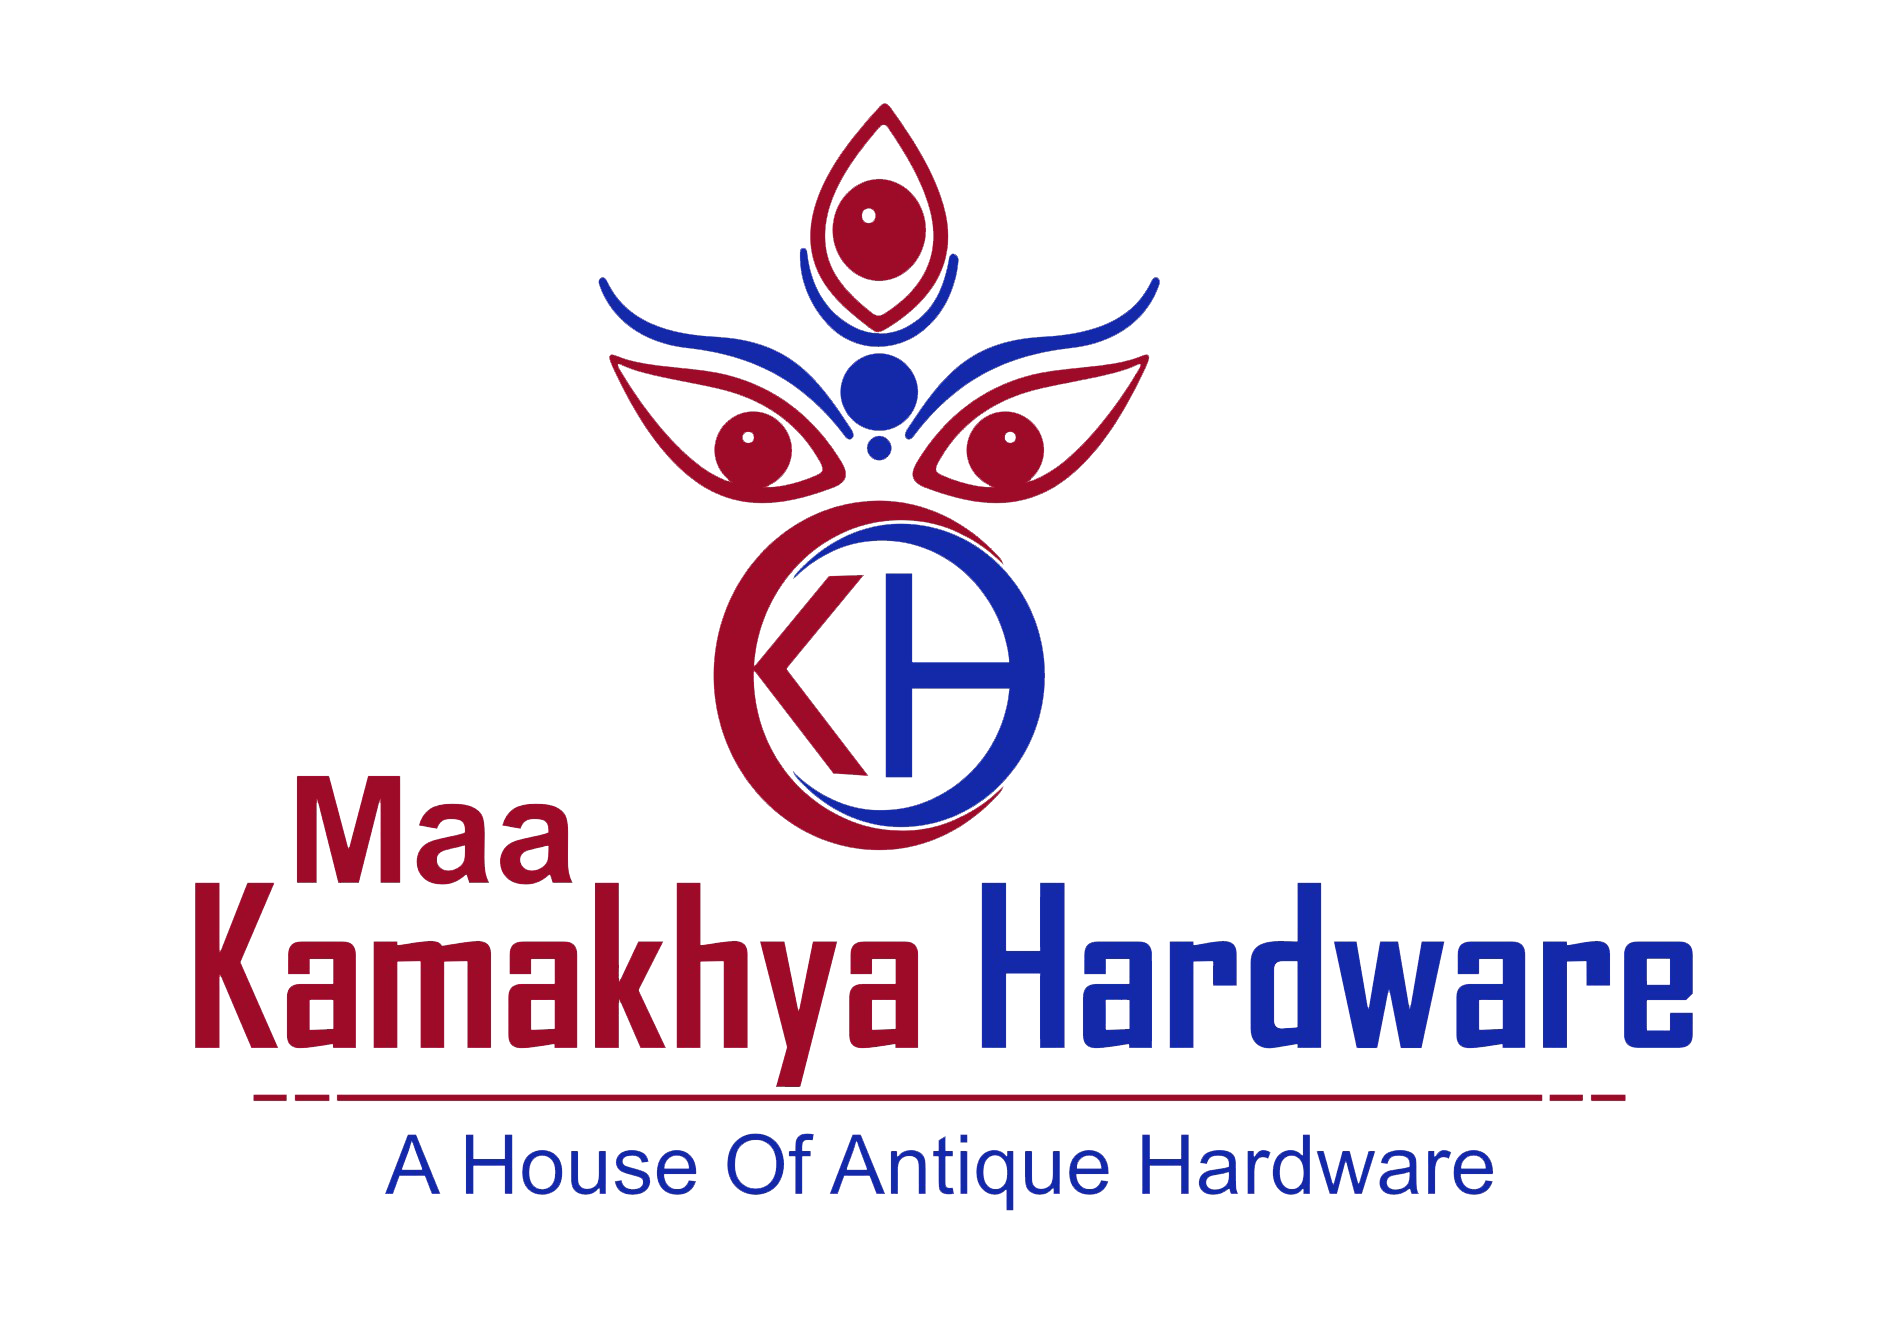 Maa Kamakhya Hardware